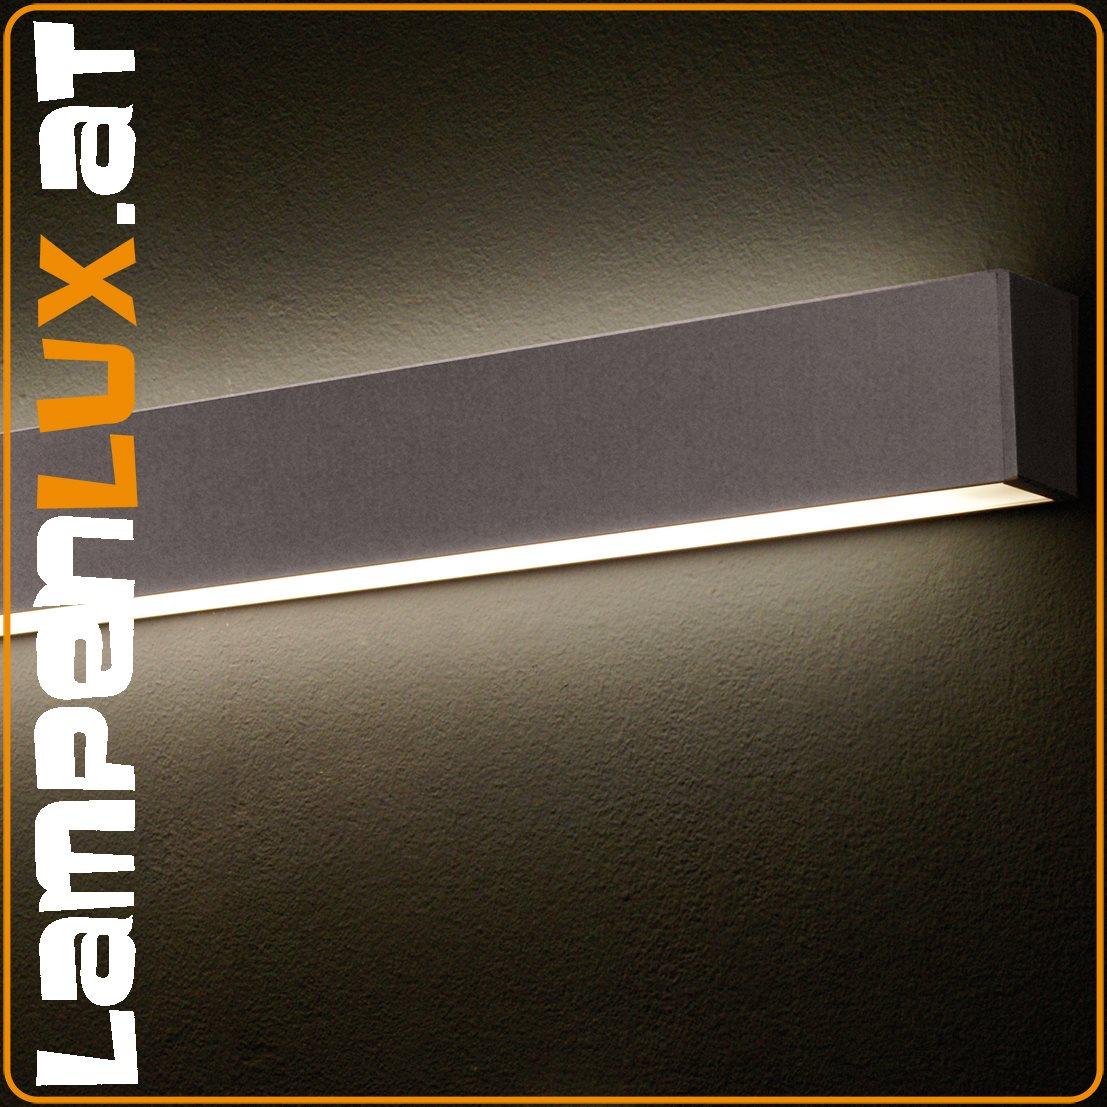 Lampenlux Wandleuchte Wandlampe Chira silber T5 28W Länge: 120 cm